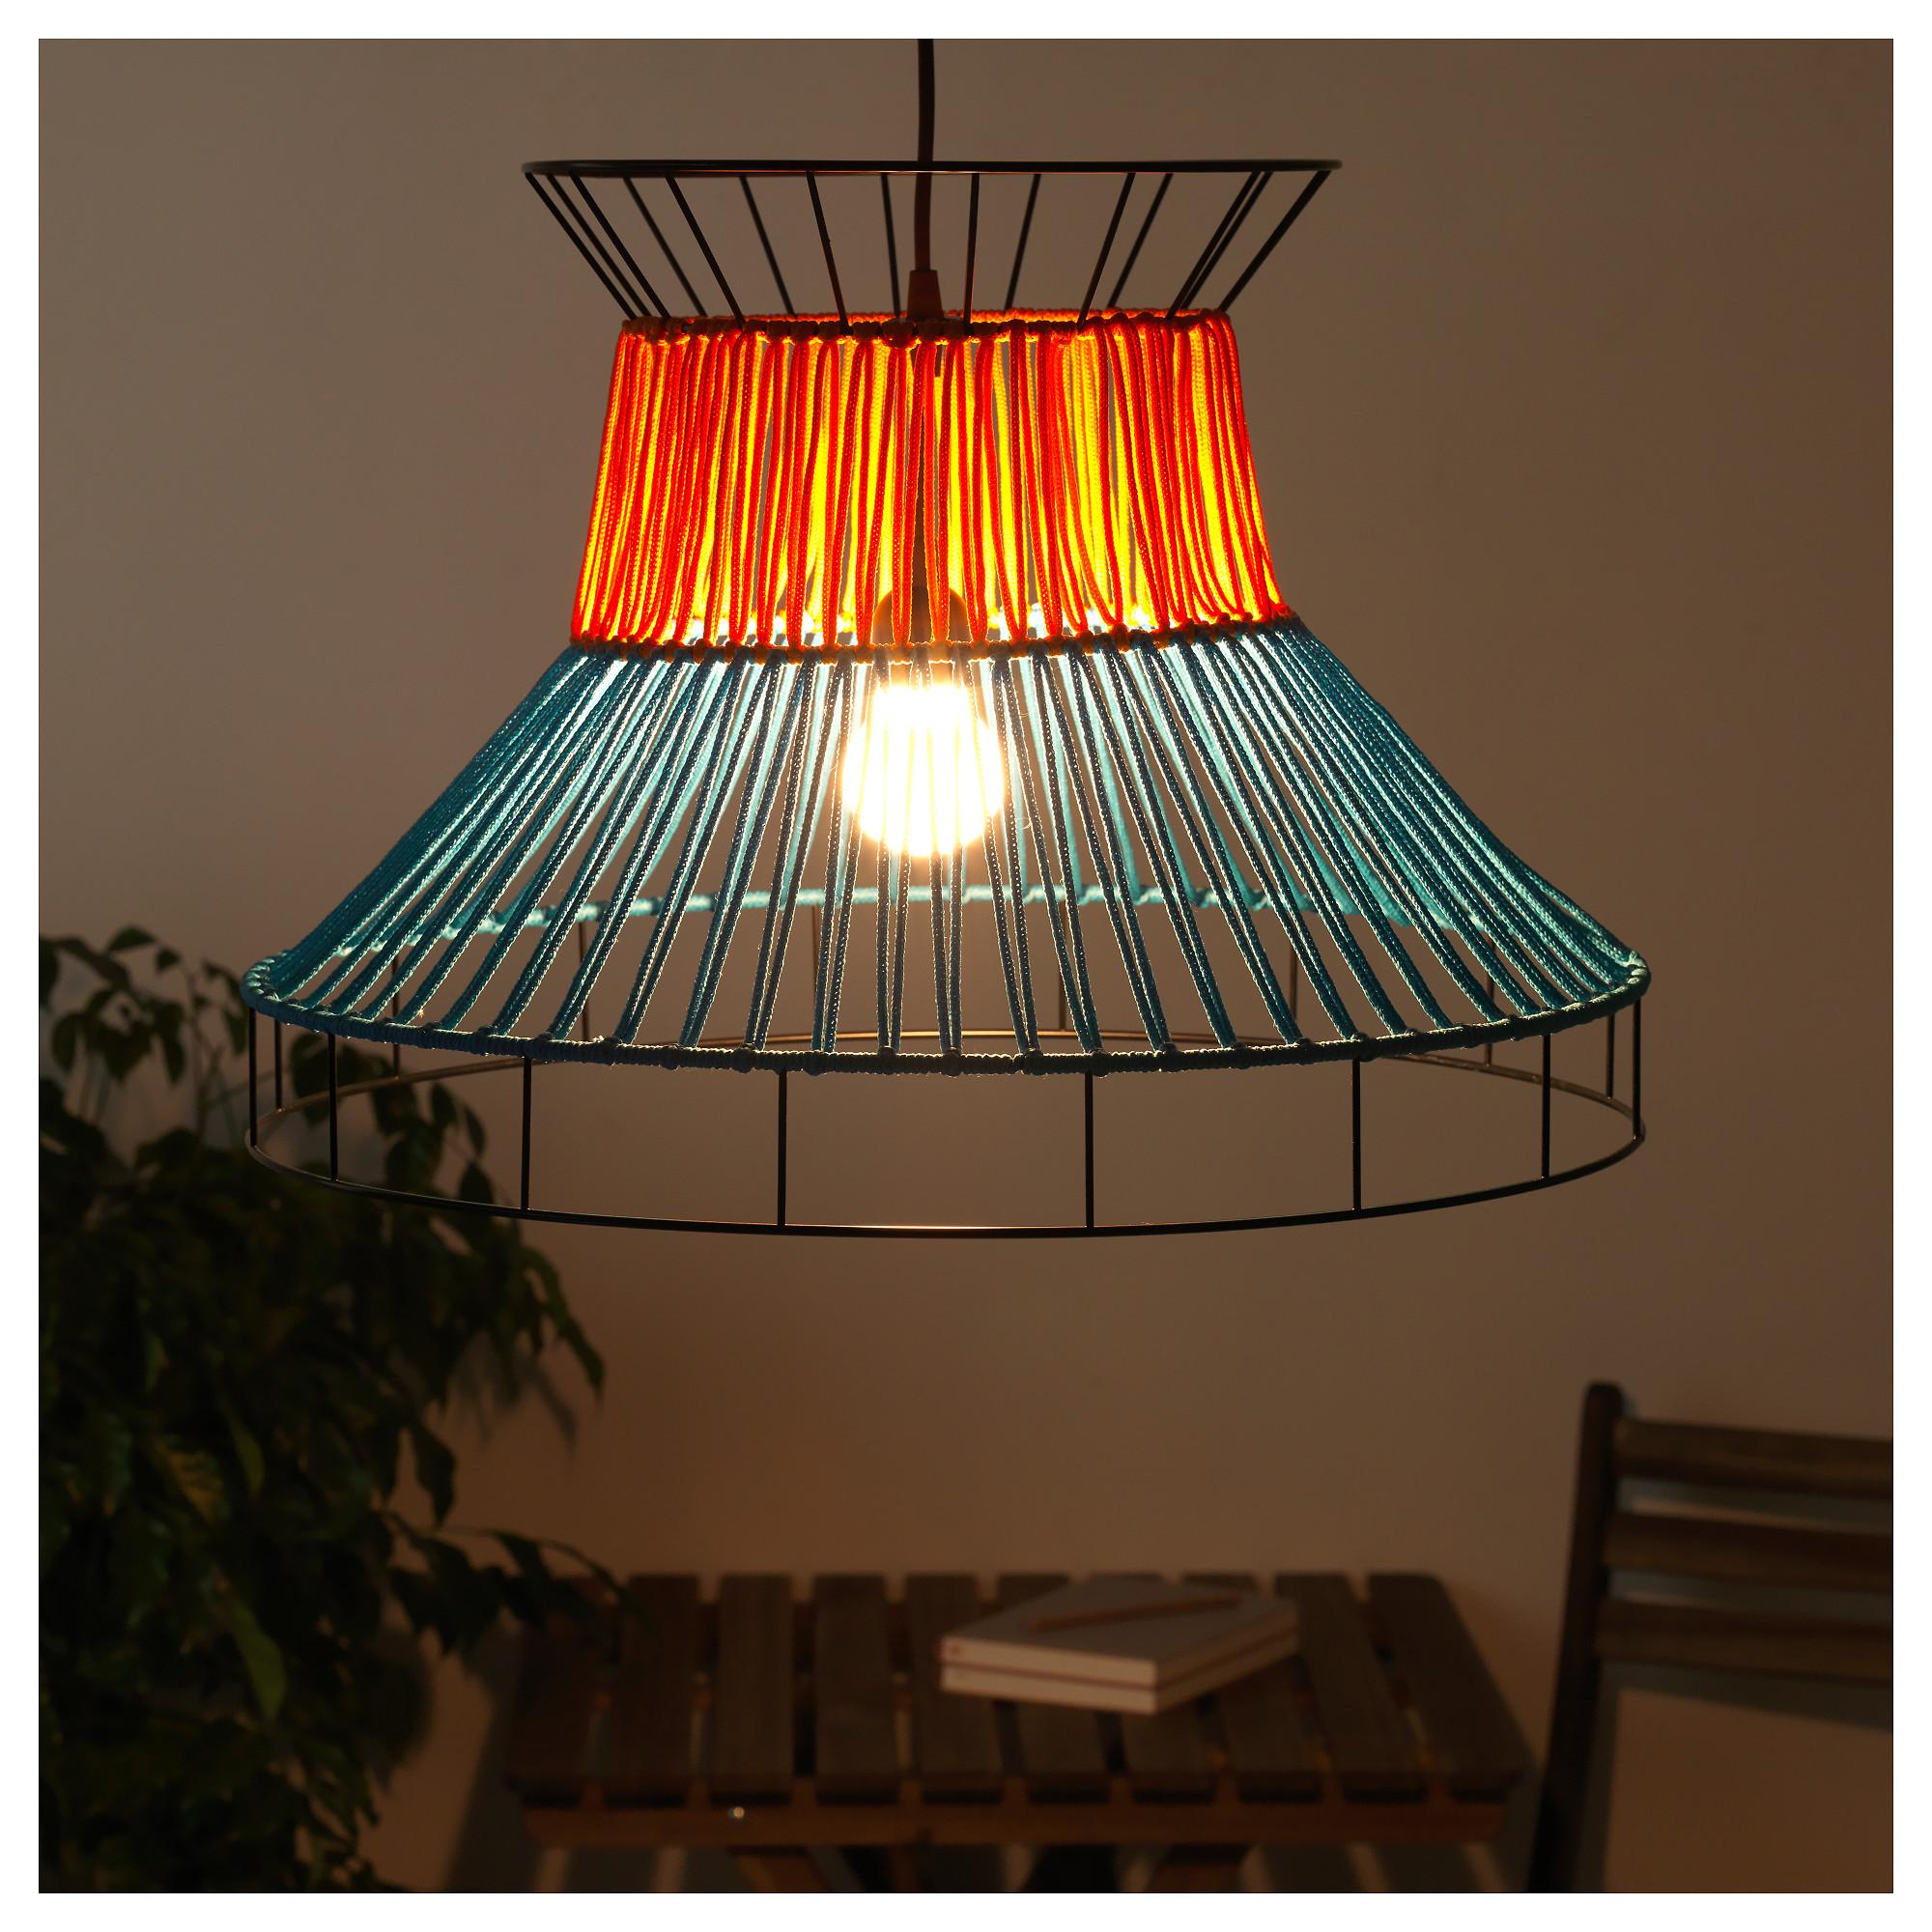 Подвесной светильник, светодиодный СОЛВИДЕН артикуль № 303.861.71 в наличии. Онлайн магазин IKEA РБ. Быстрая доставка и установка.